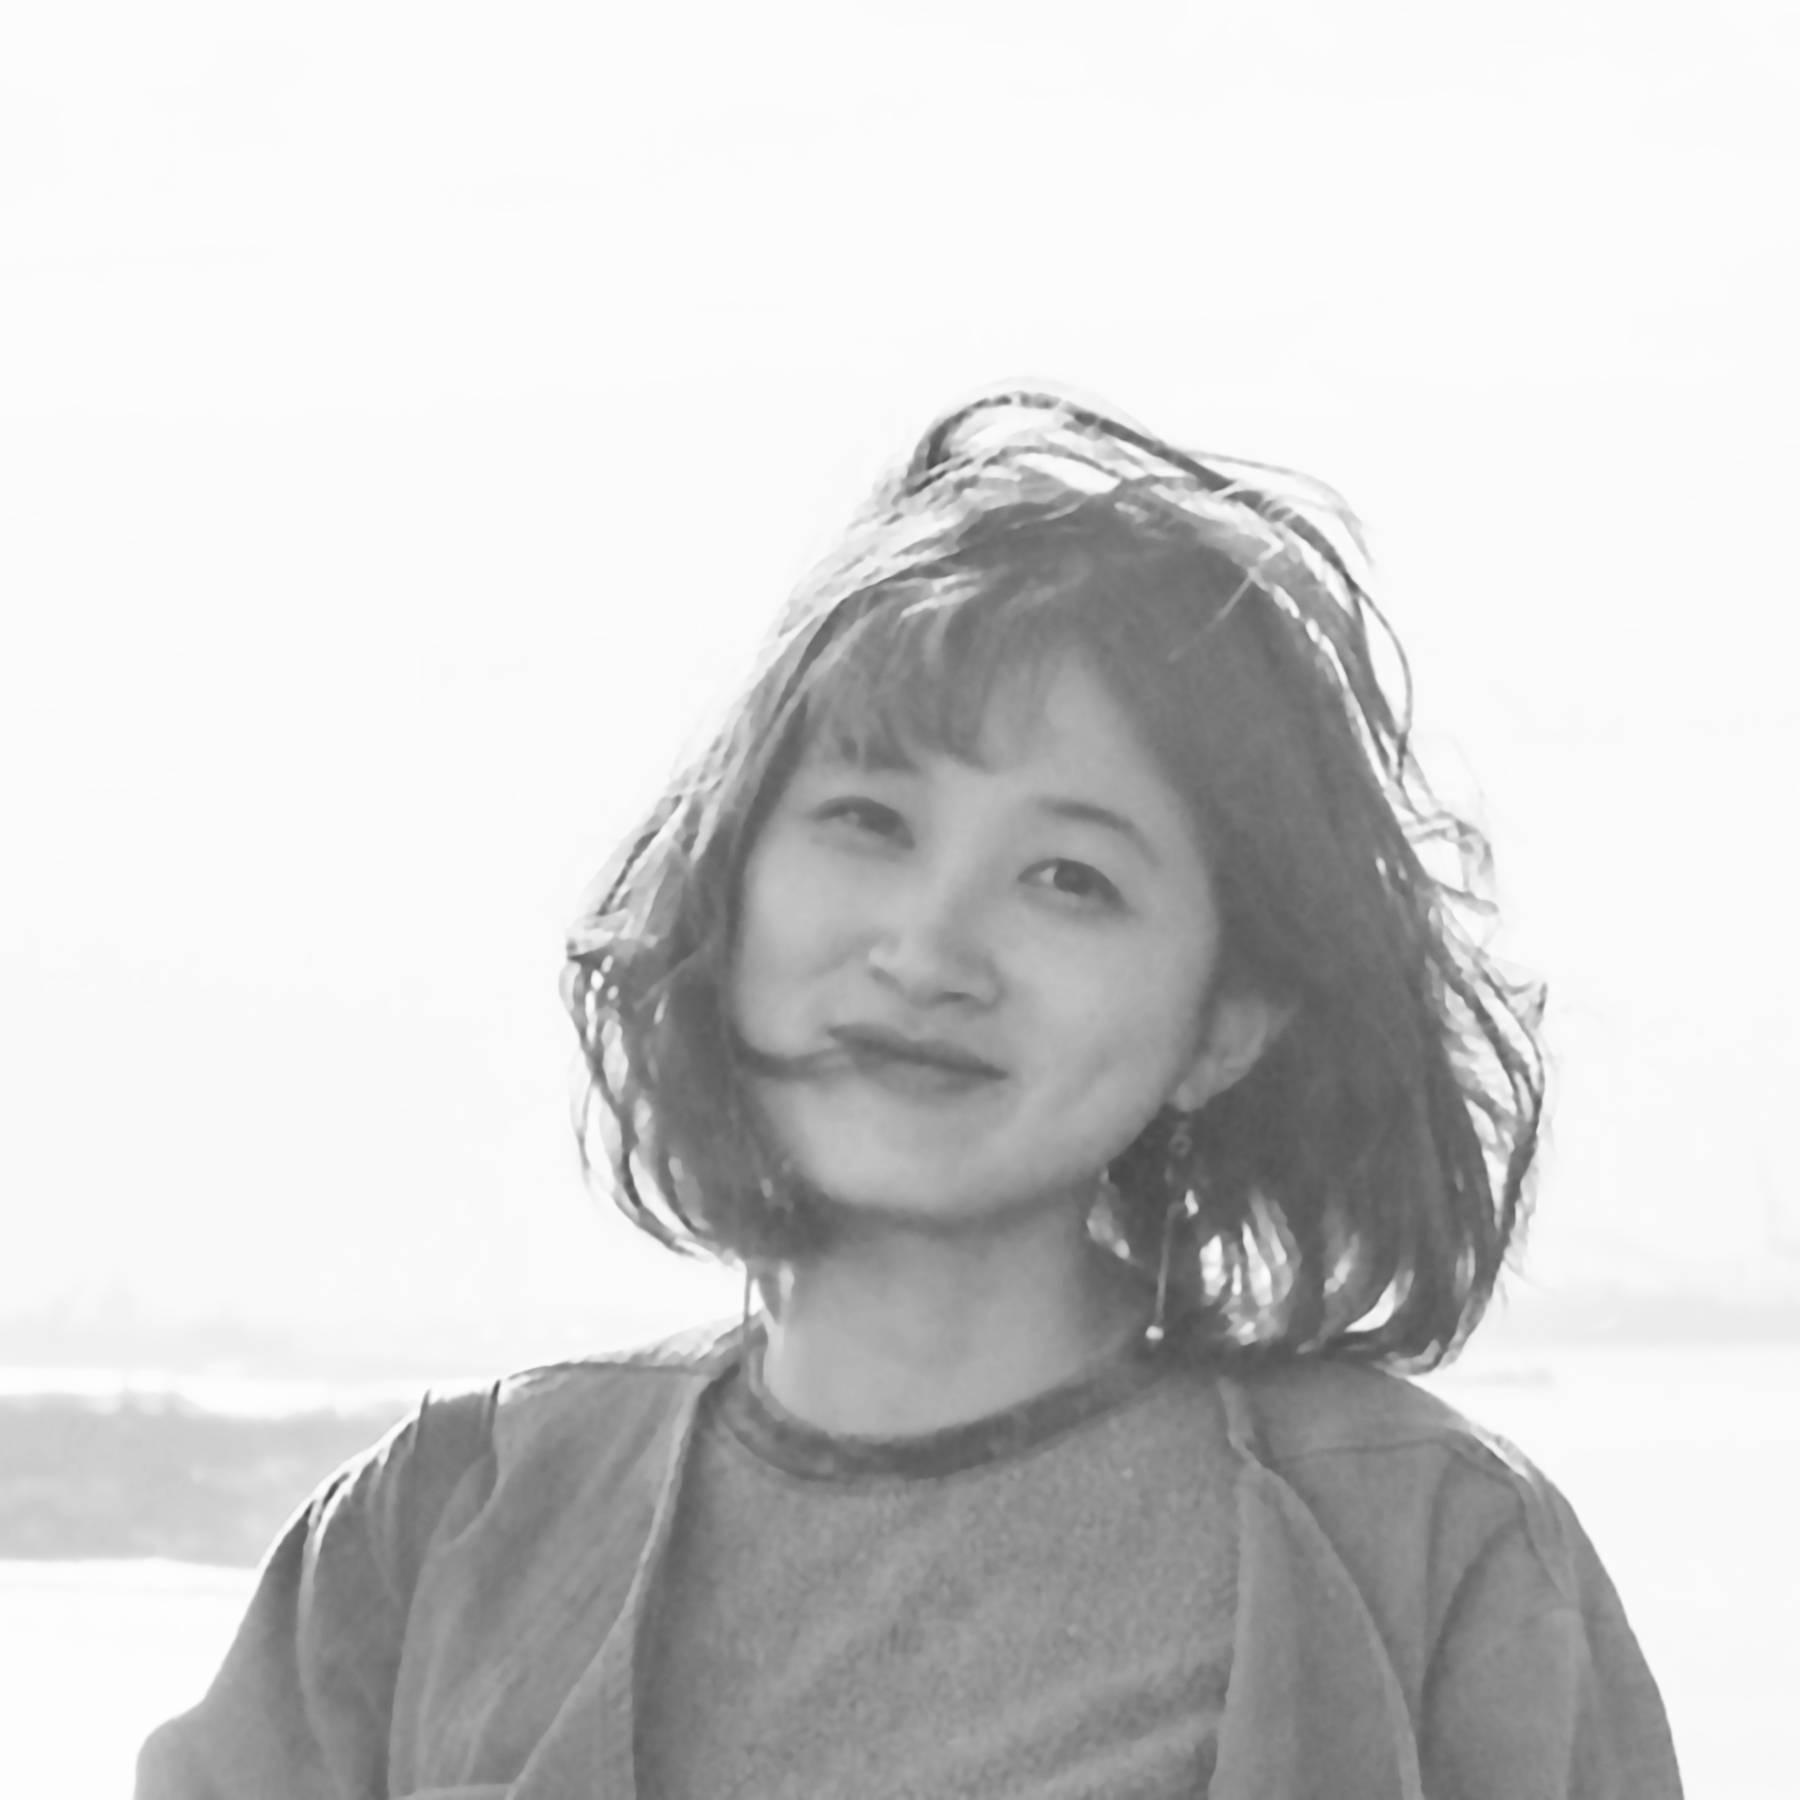 Kaijie Chen